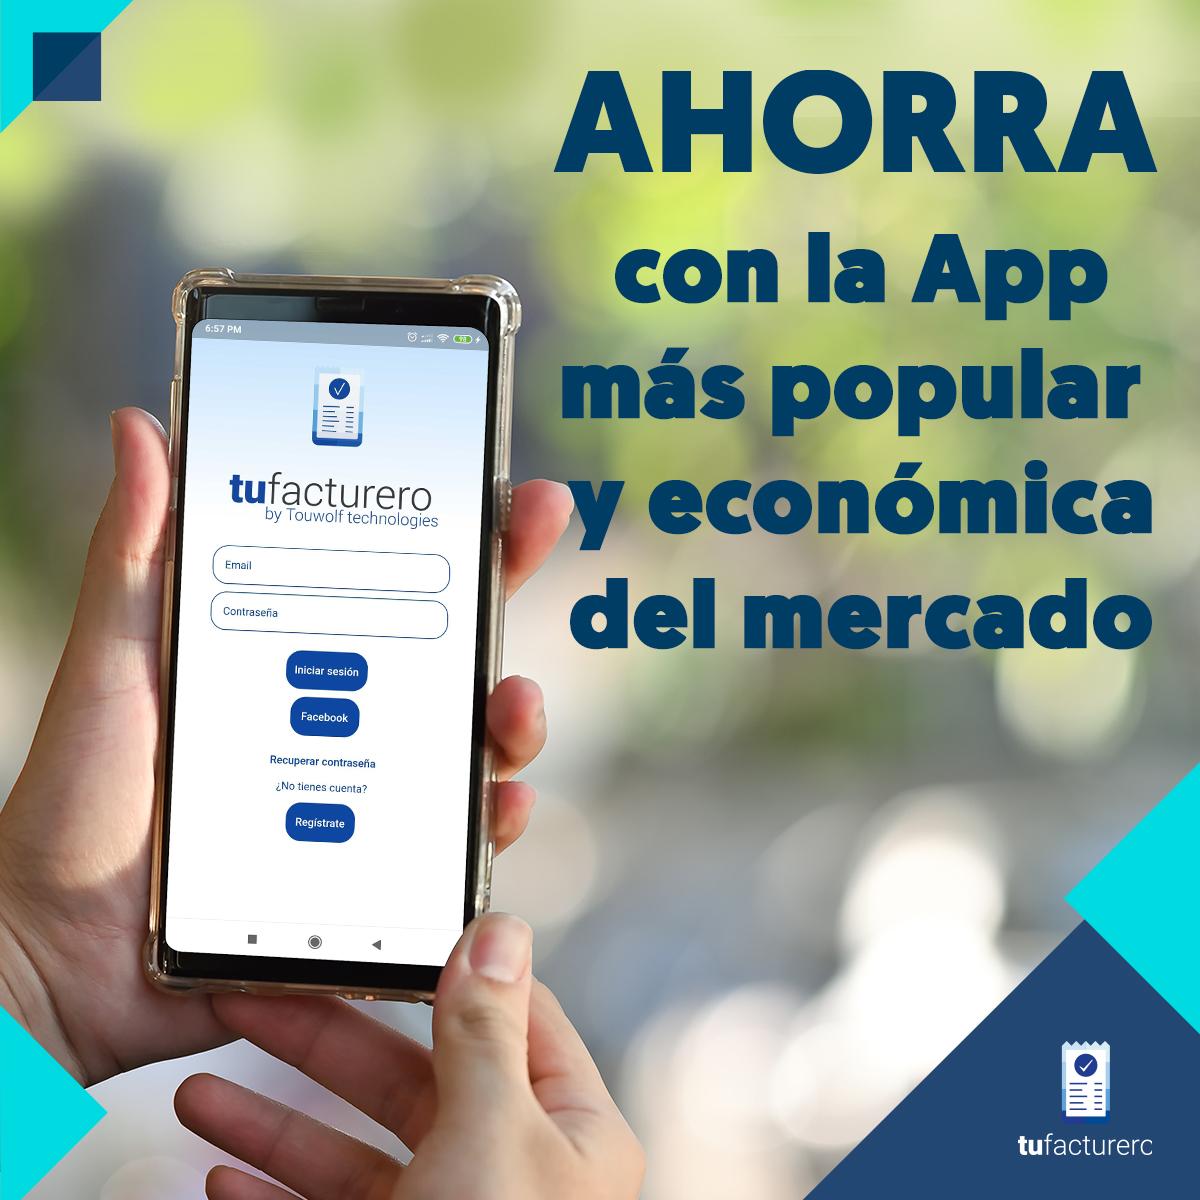 app TuFacturero gratis